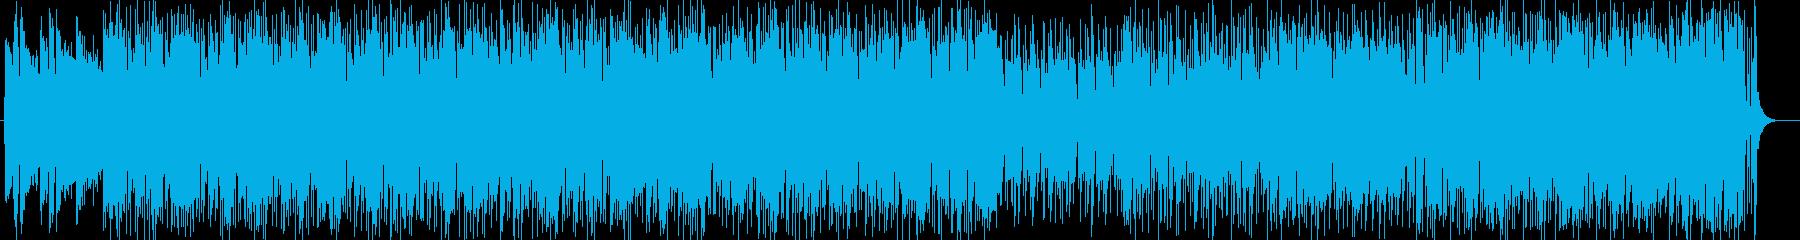 美しいメロディと和音のポップスの再生済みの波形